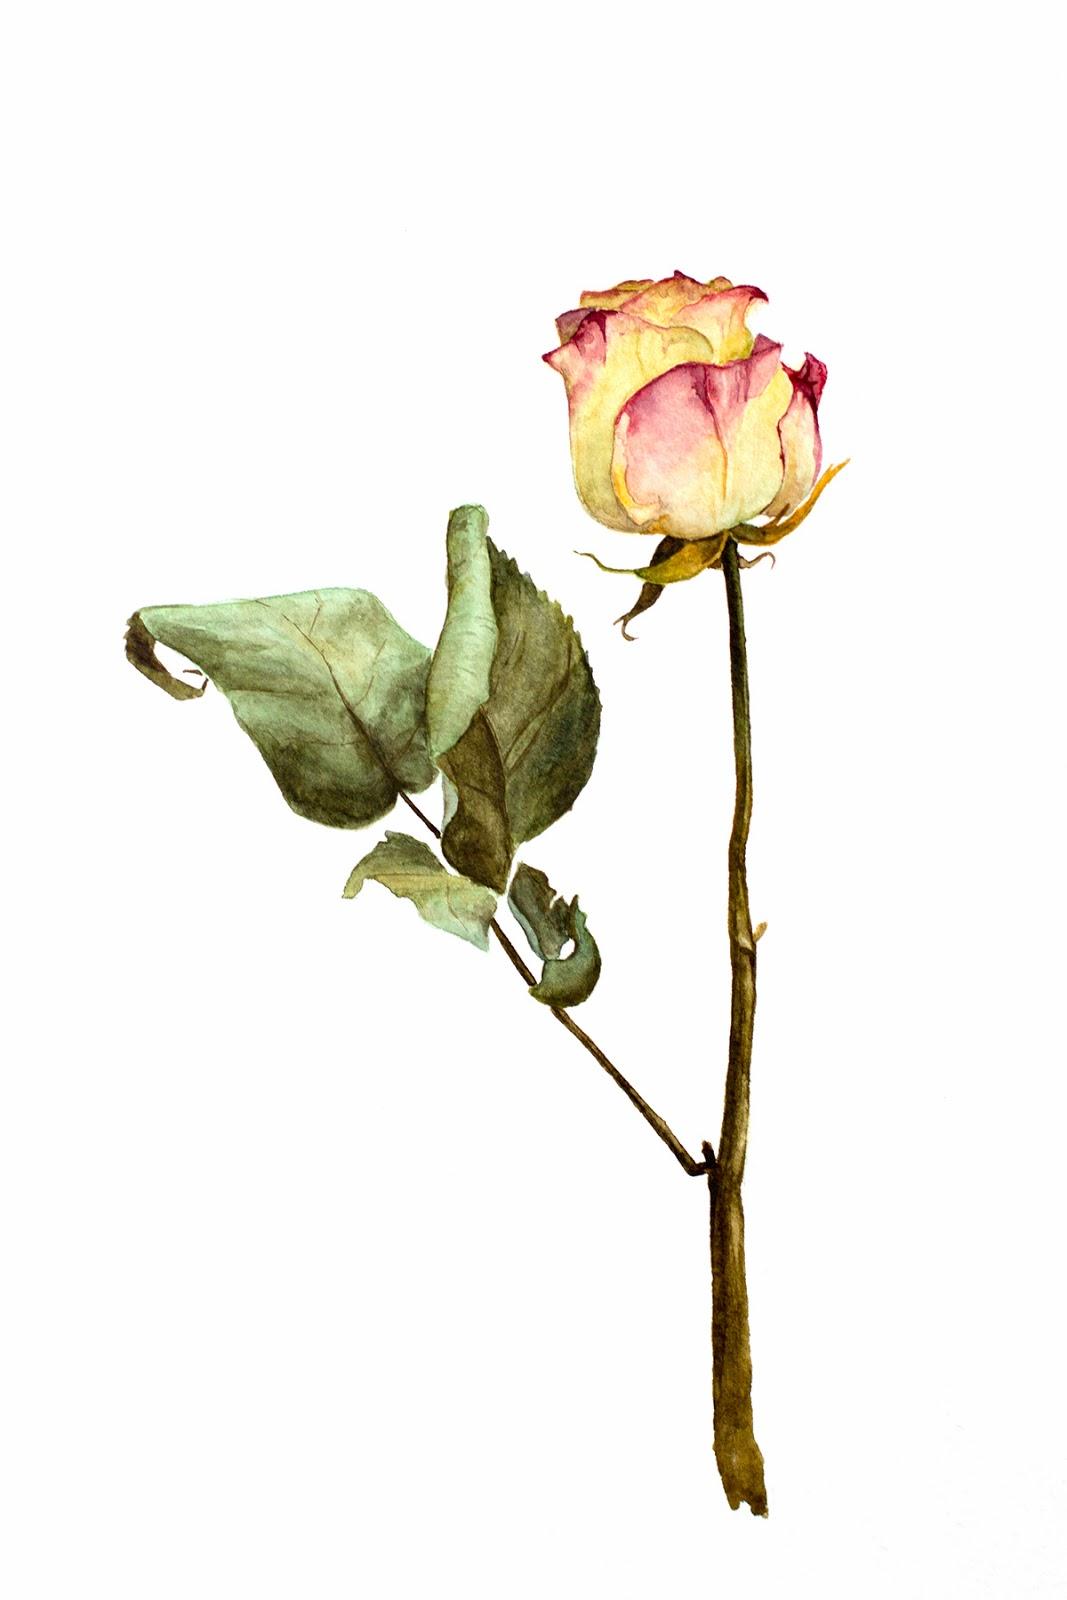 роза, акварель, роза акварелью, рисунок акварелью, evgeniya-homa, watercolor